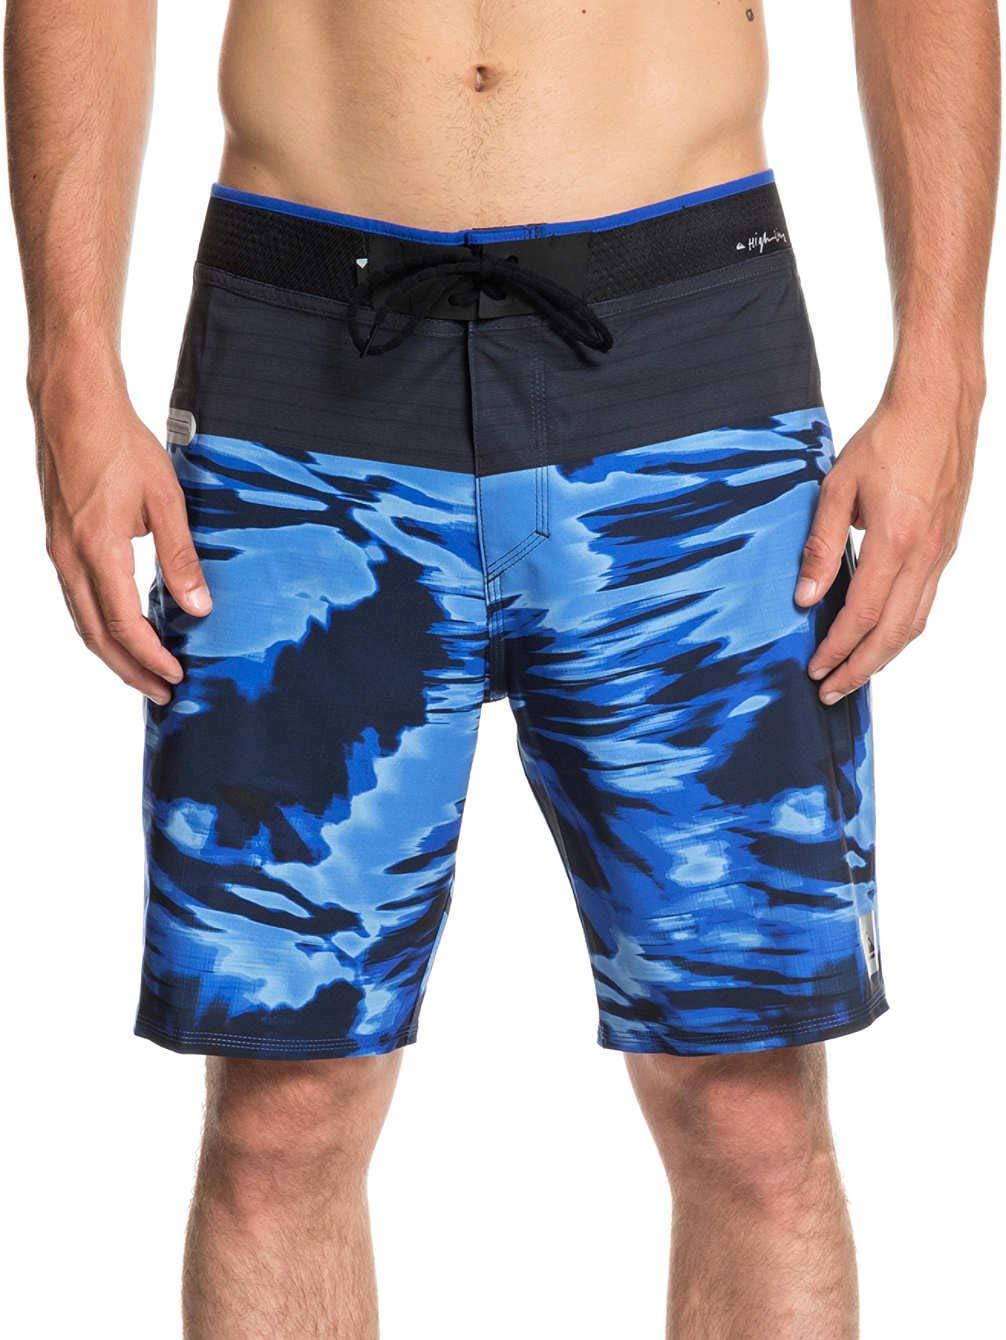 QuikSilber Highline schwarzout 19 19 19  Boardshorts Blau EQYBS04075 B07NXYGYKD Shorts Wirtschaftlich und praktisch fdb145